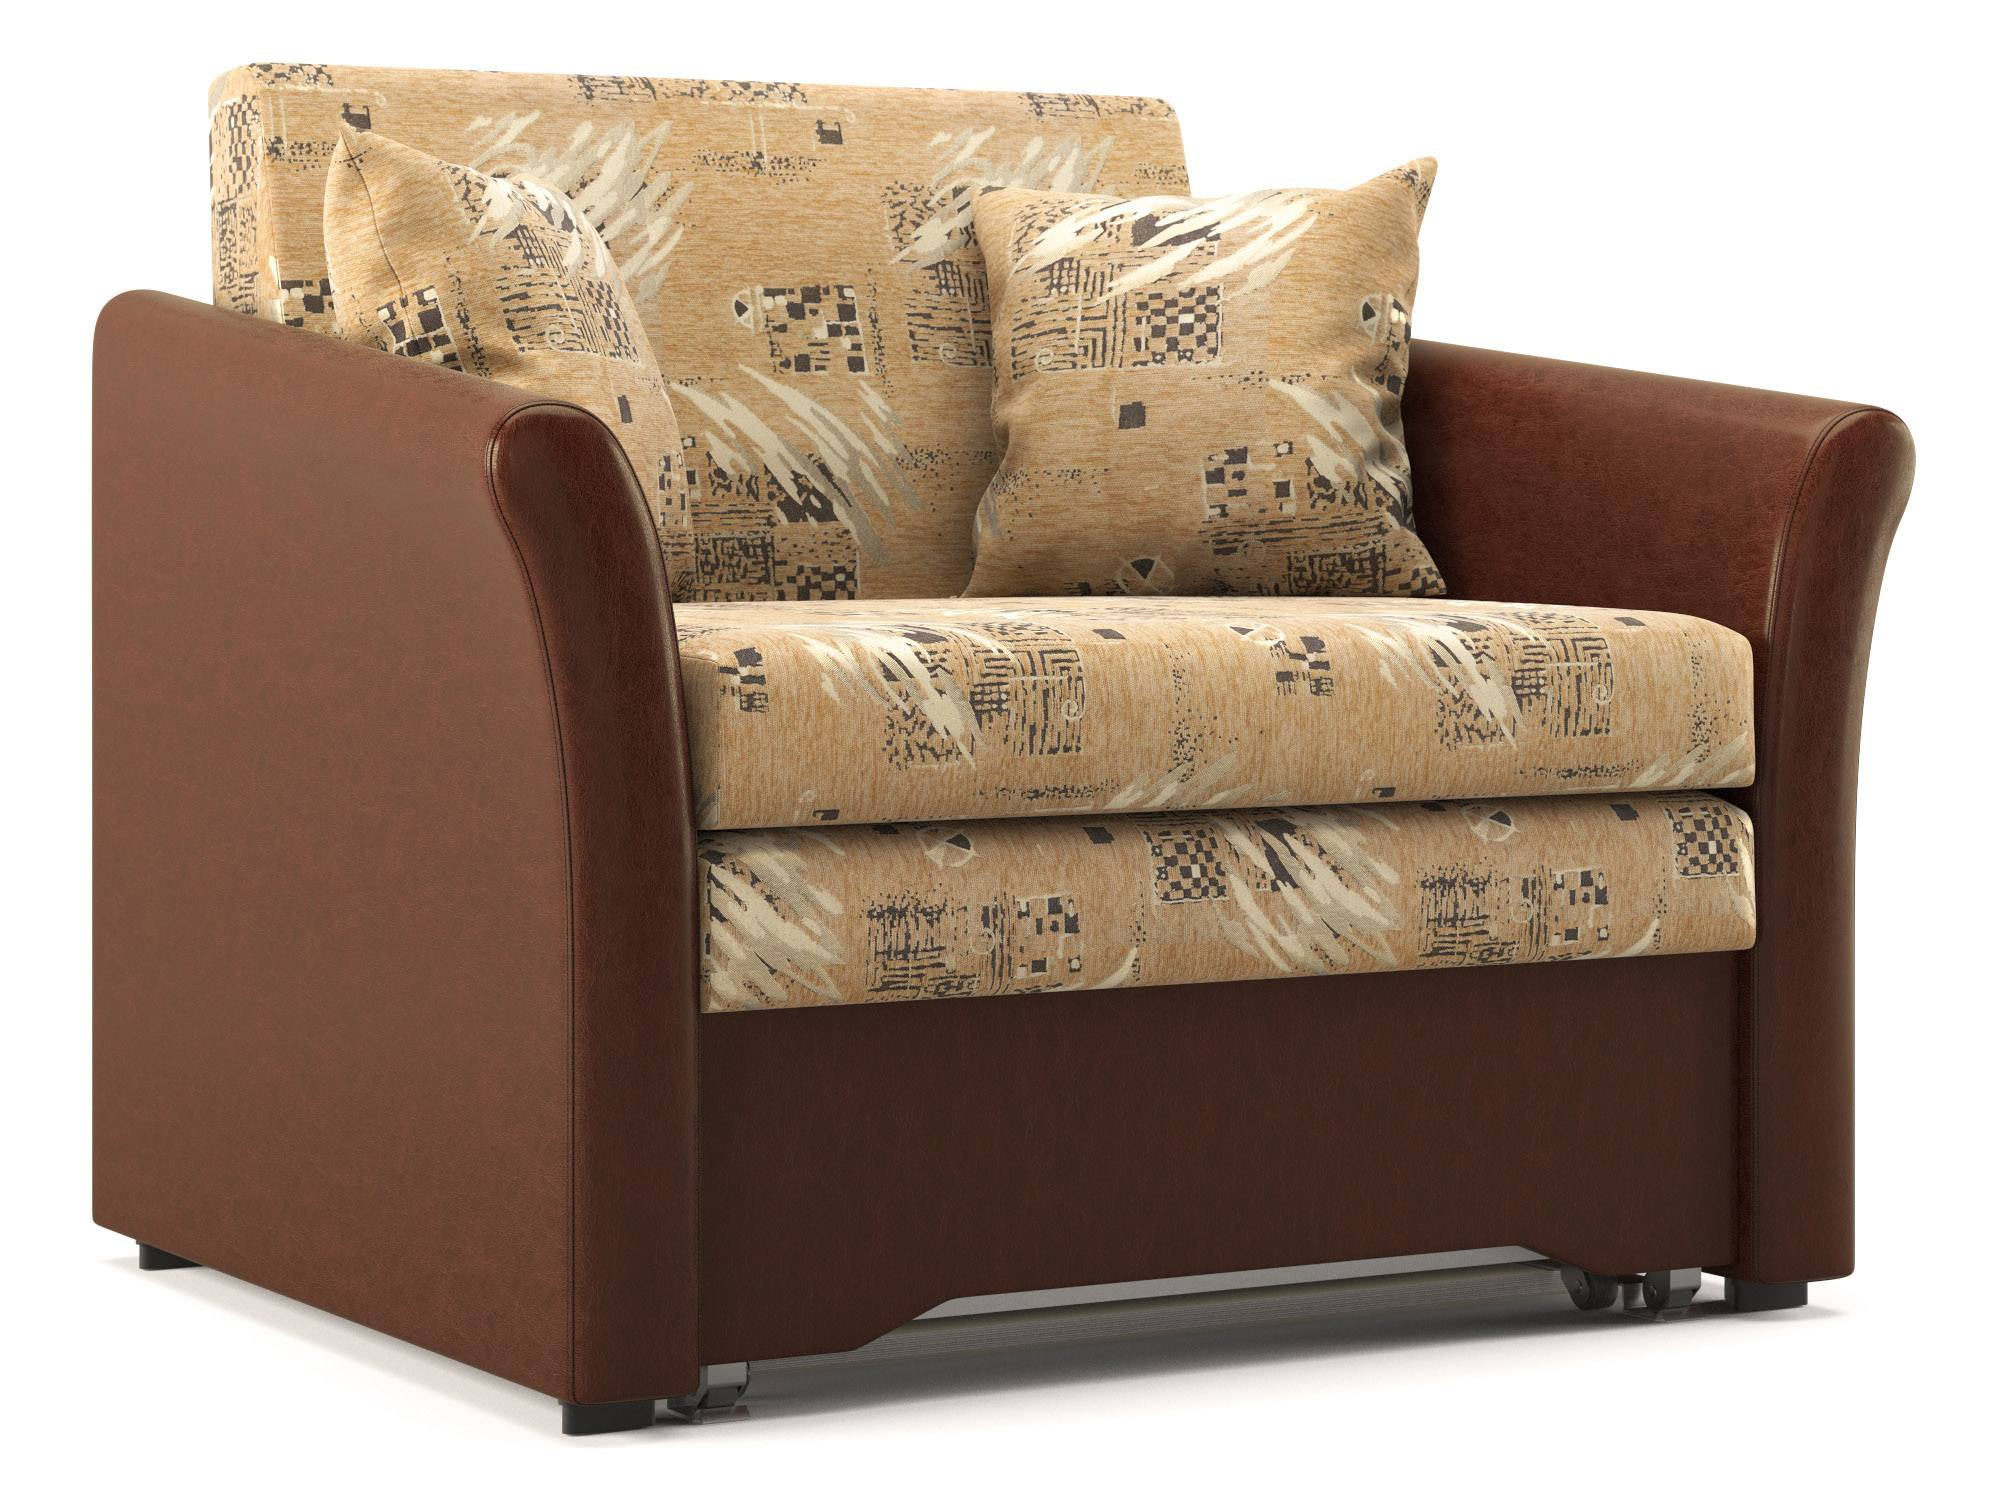 Кресло-кровать Аллегро MebelVia MebelVia Кресло-кровать Аллегро. Размер (ШхВхГ, см): 104х90х85. Спальное место (ШхД, см): 80х189. Каркас — массив, ЛДСП, фанера. Обивка — шенилл. Раскладка — «Выкатной».